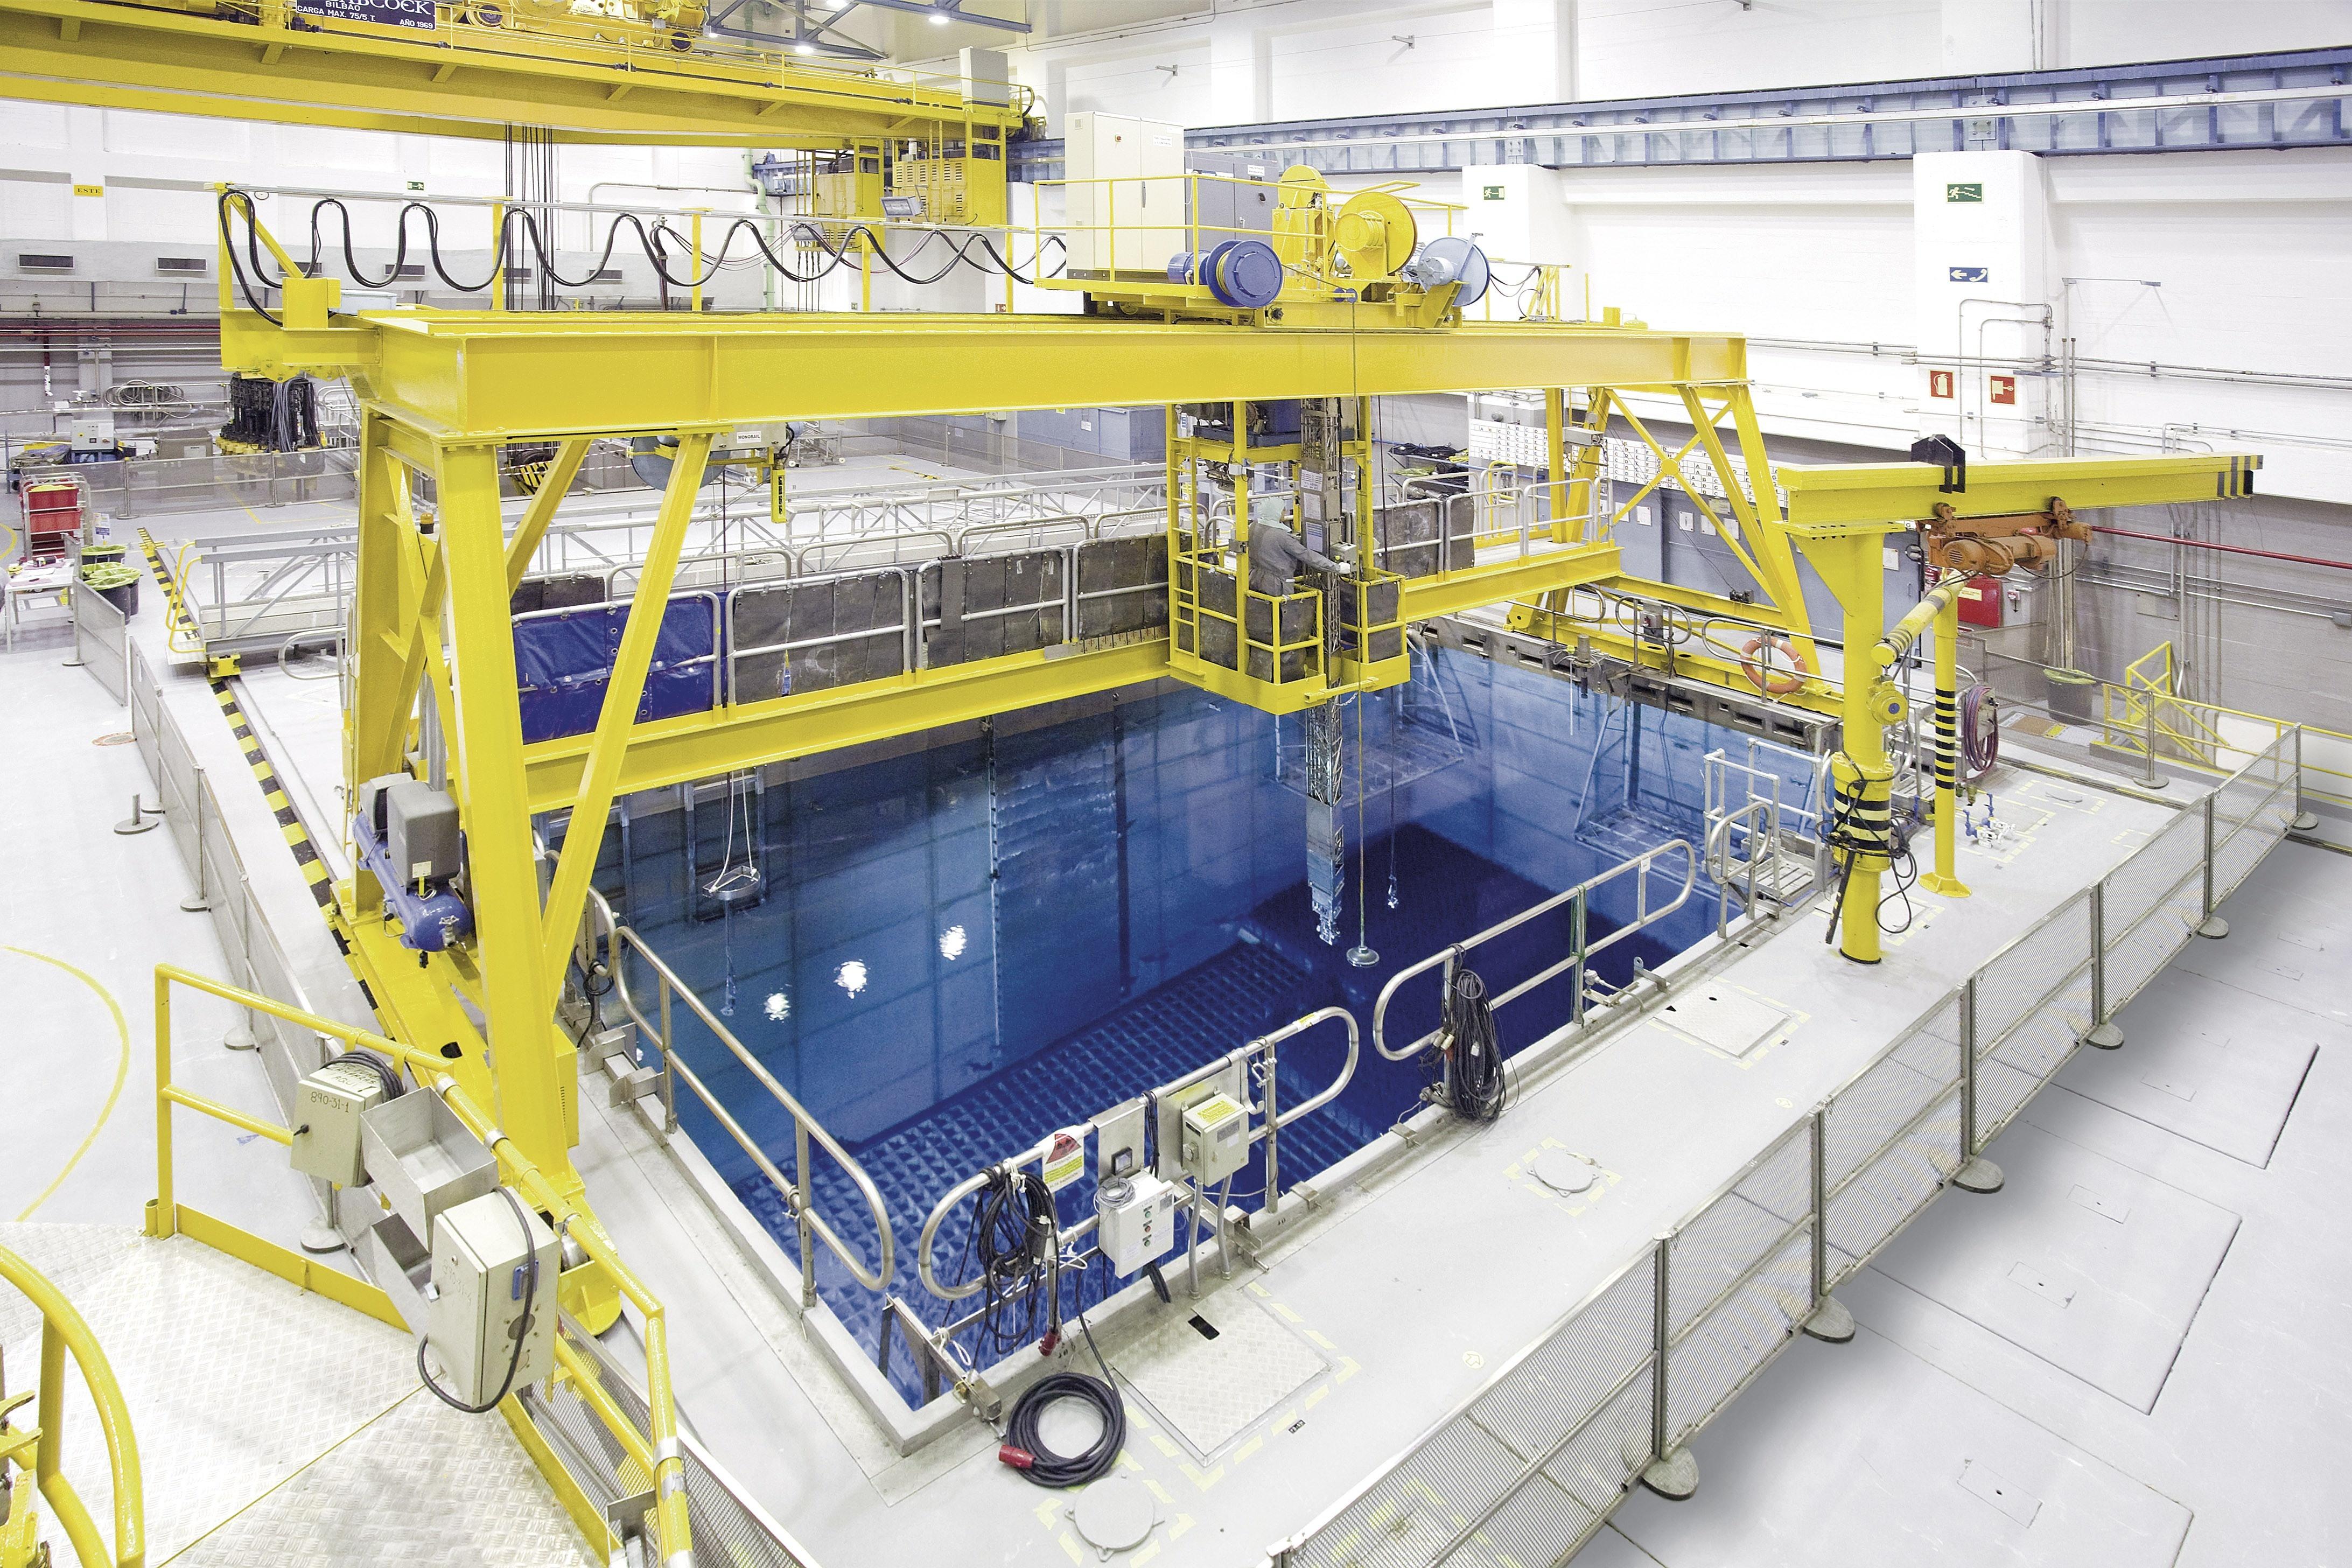 El CSN condiciona la prórroga de Groña a parada segura y sin poder introducir combustible en el reactor